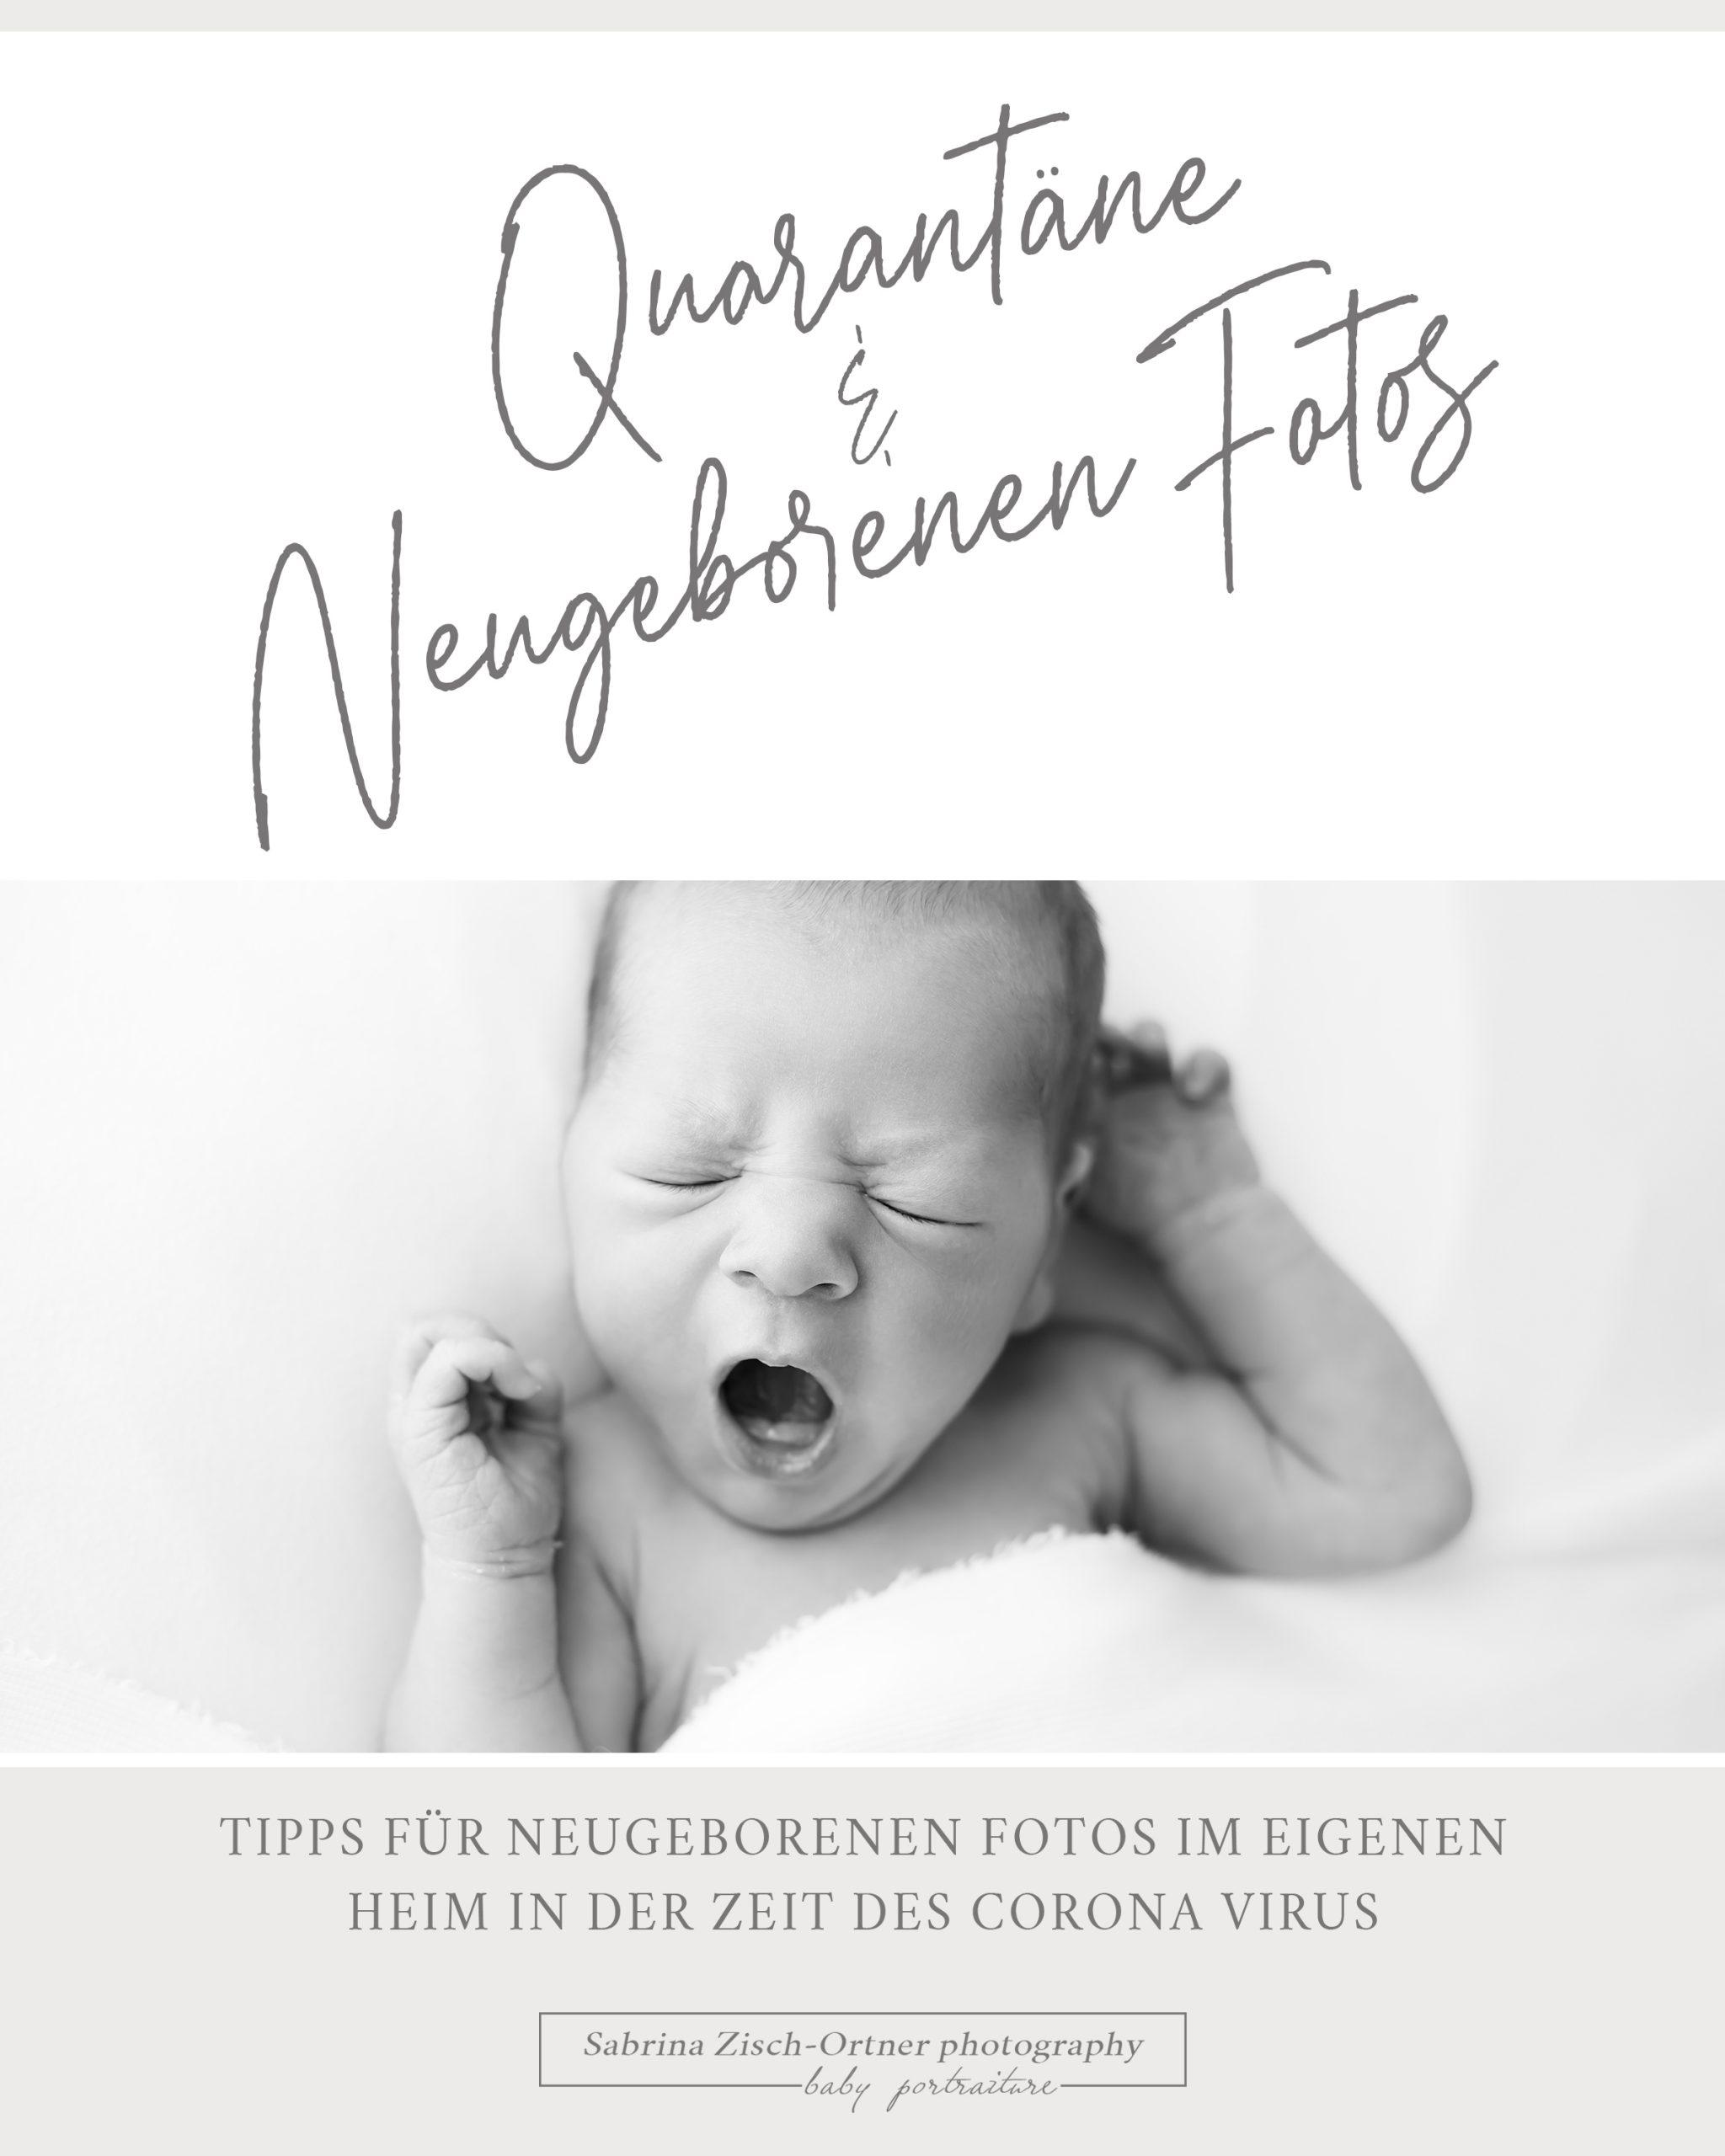 Quarantäne und Neugeborenen Fotos kostenloser Foto-Guide für frischgebackene Eltern